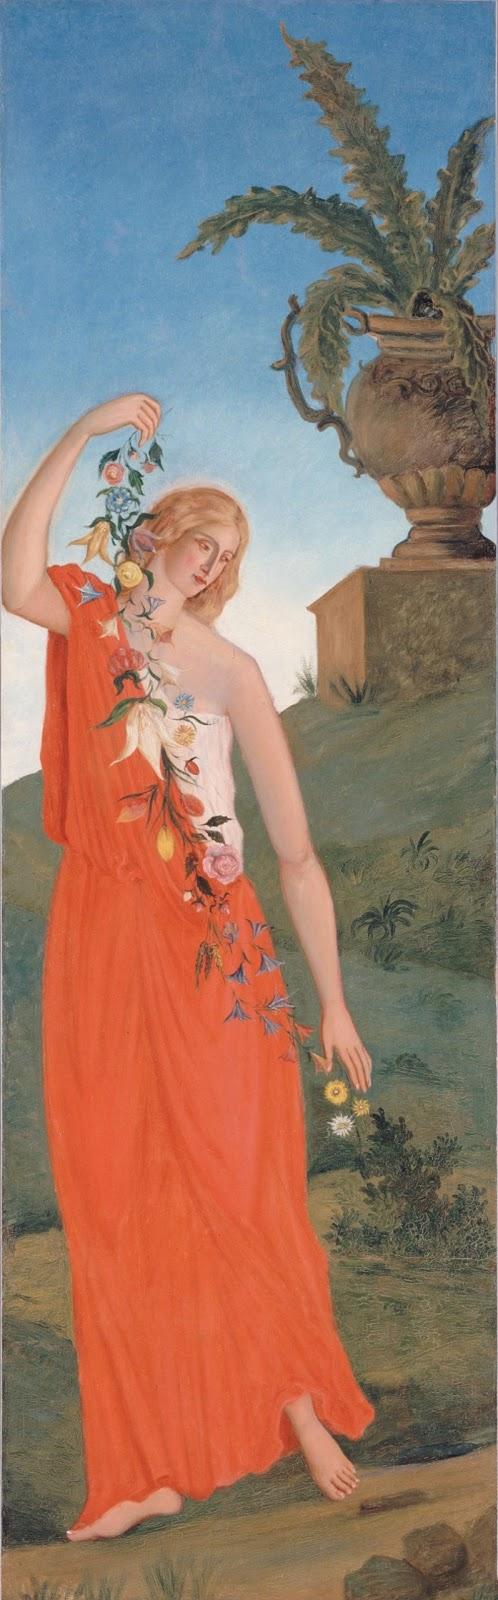 Paul Cézanne - The Four Seasons -Spring, 1861